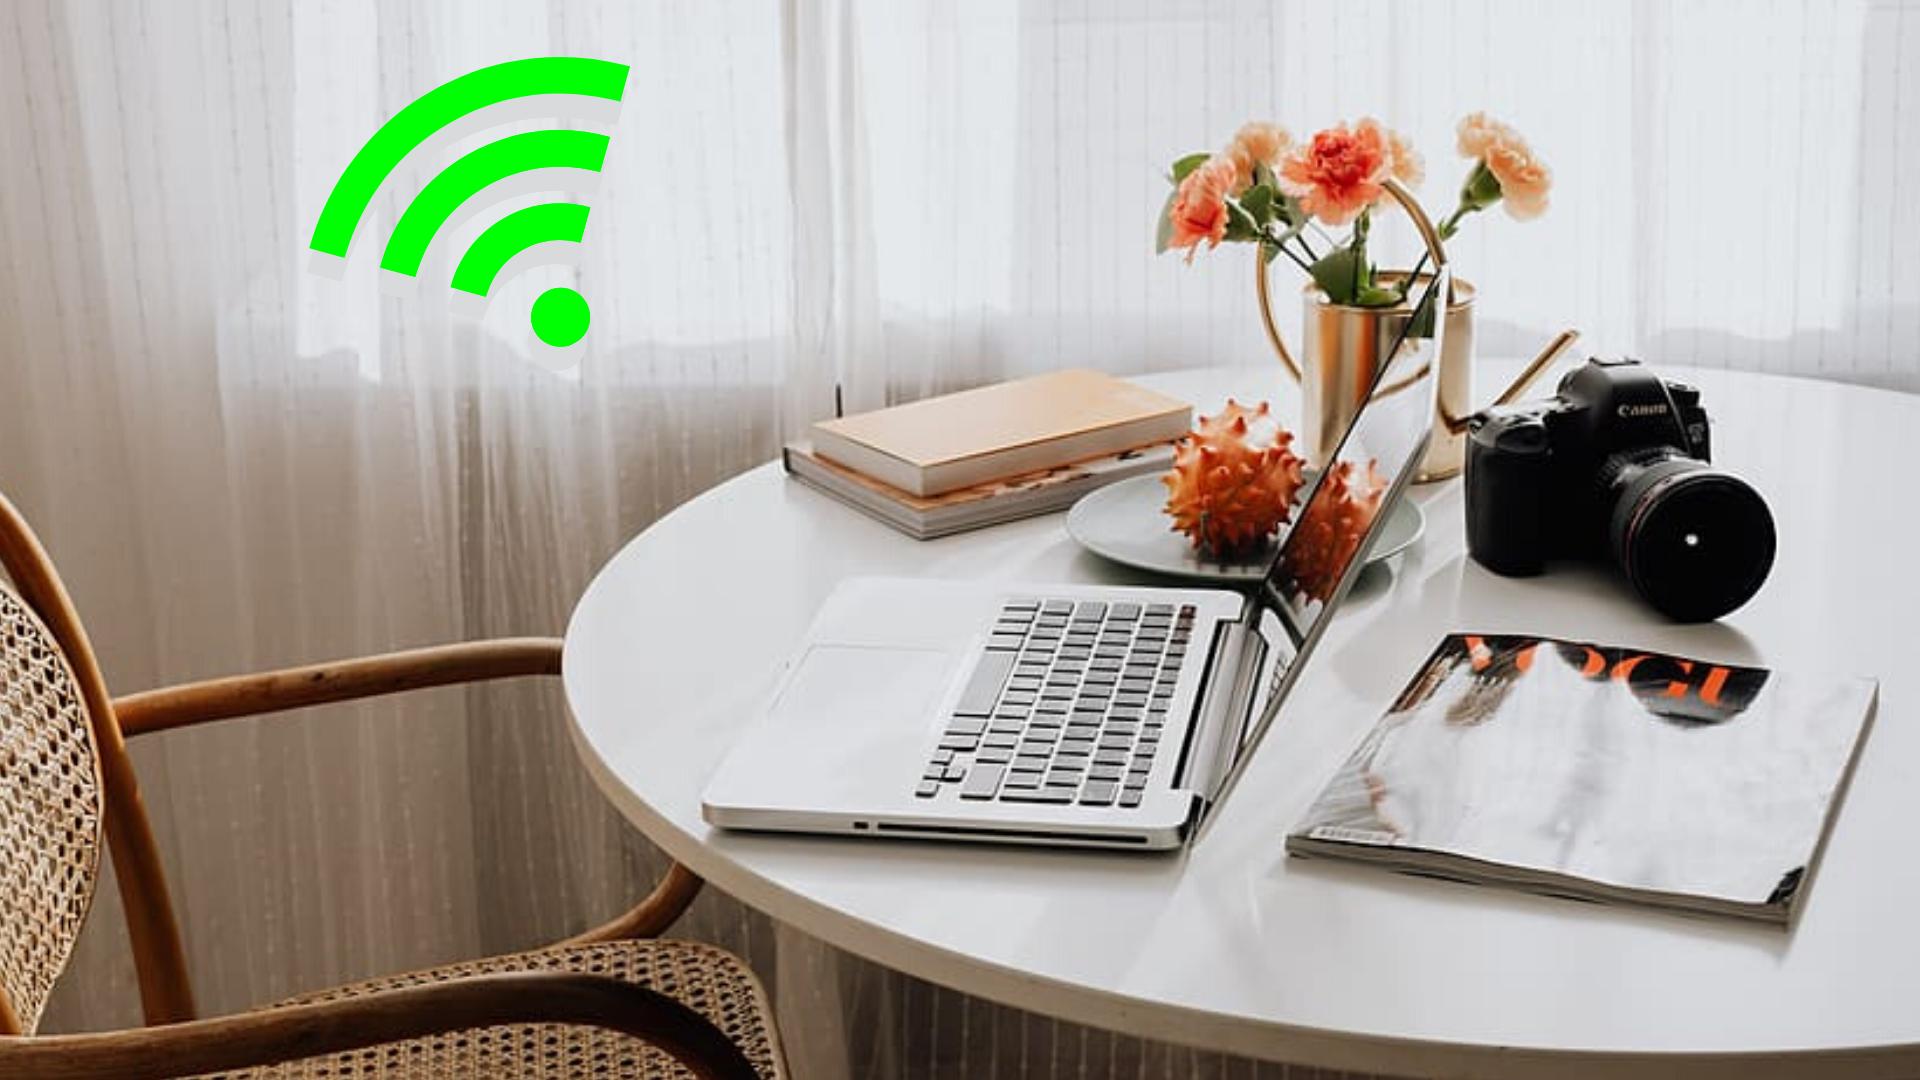 Cómo aumentar la velocidad del wifi en tiempos de cuarentena